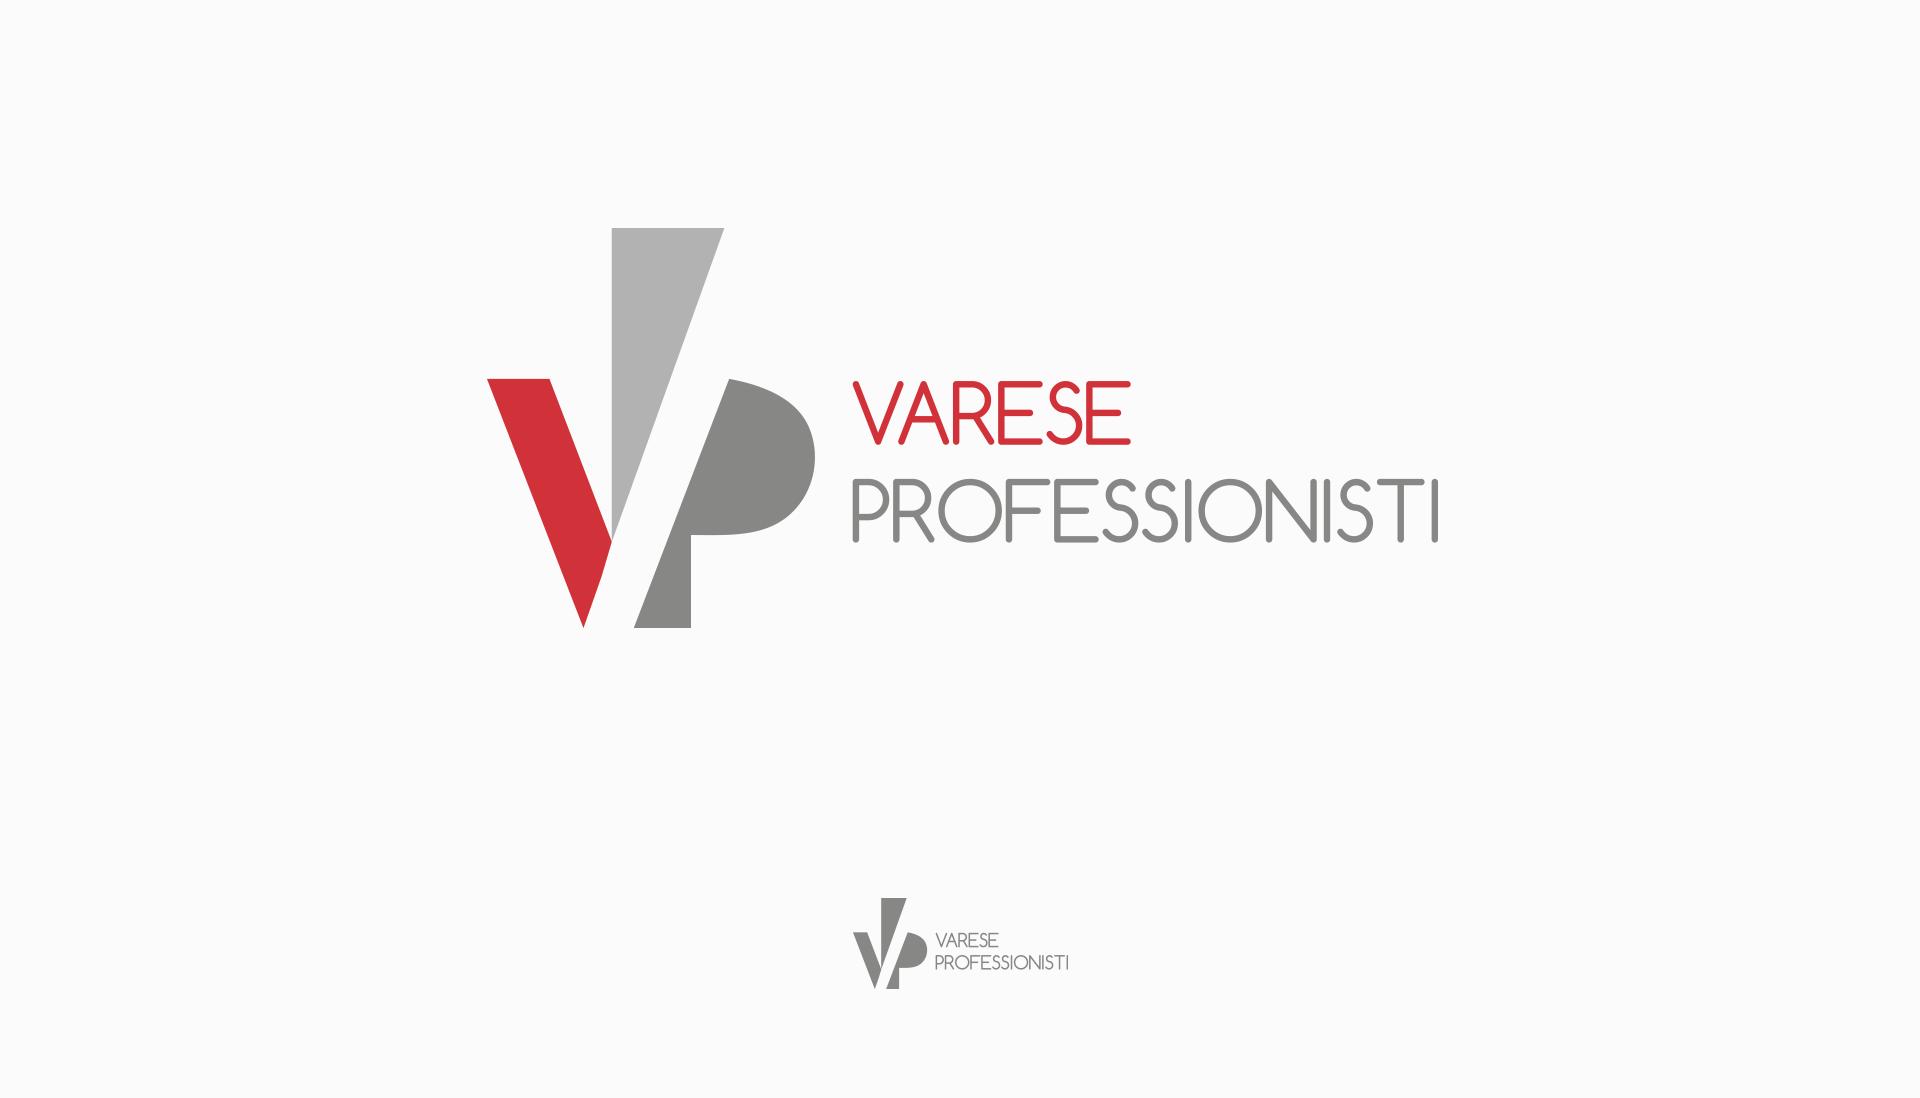 progettazione logo varese professionisti rosso grigio